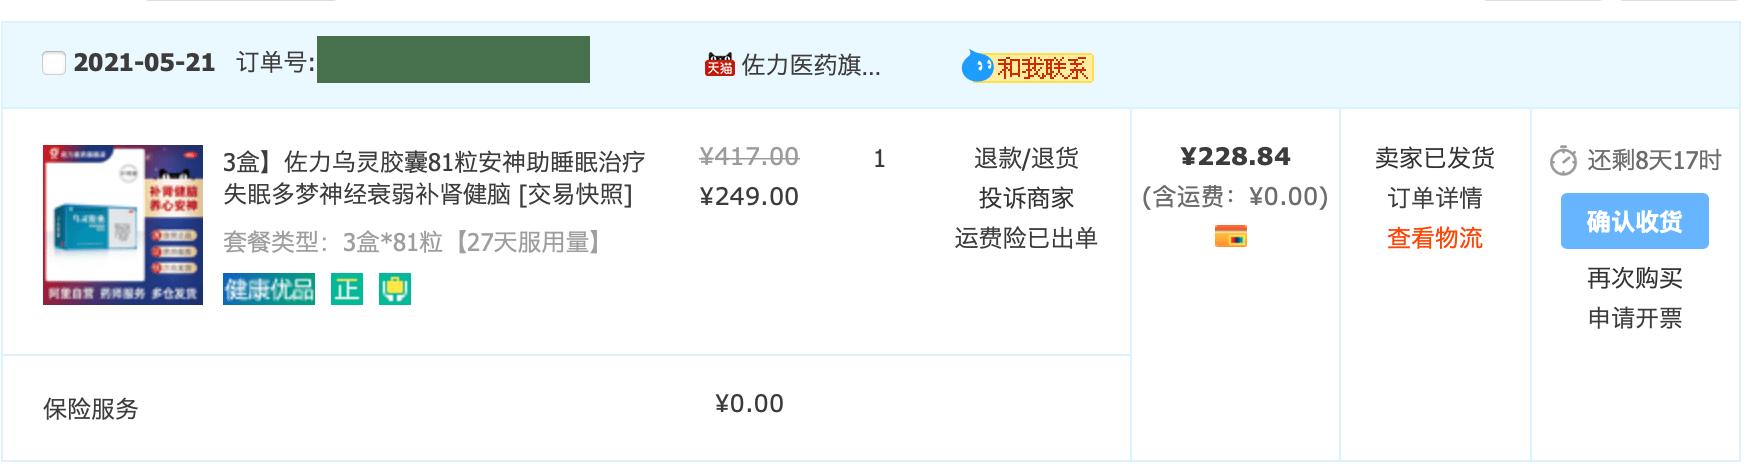 乌灵胶囊订单(我用淘金币抵扣了0.16元)